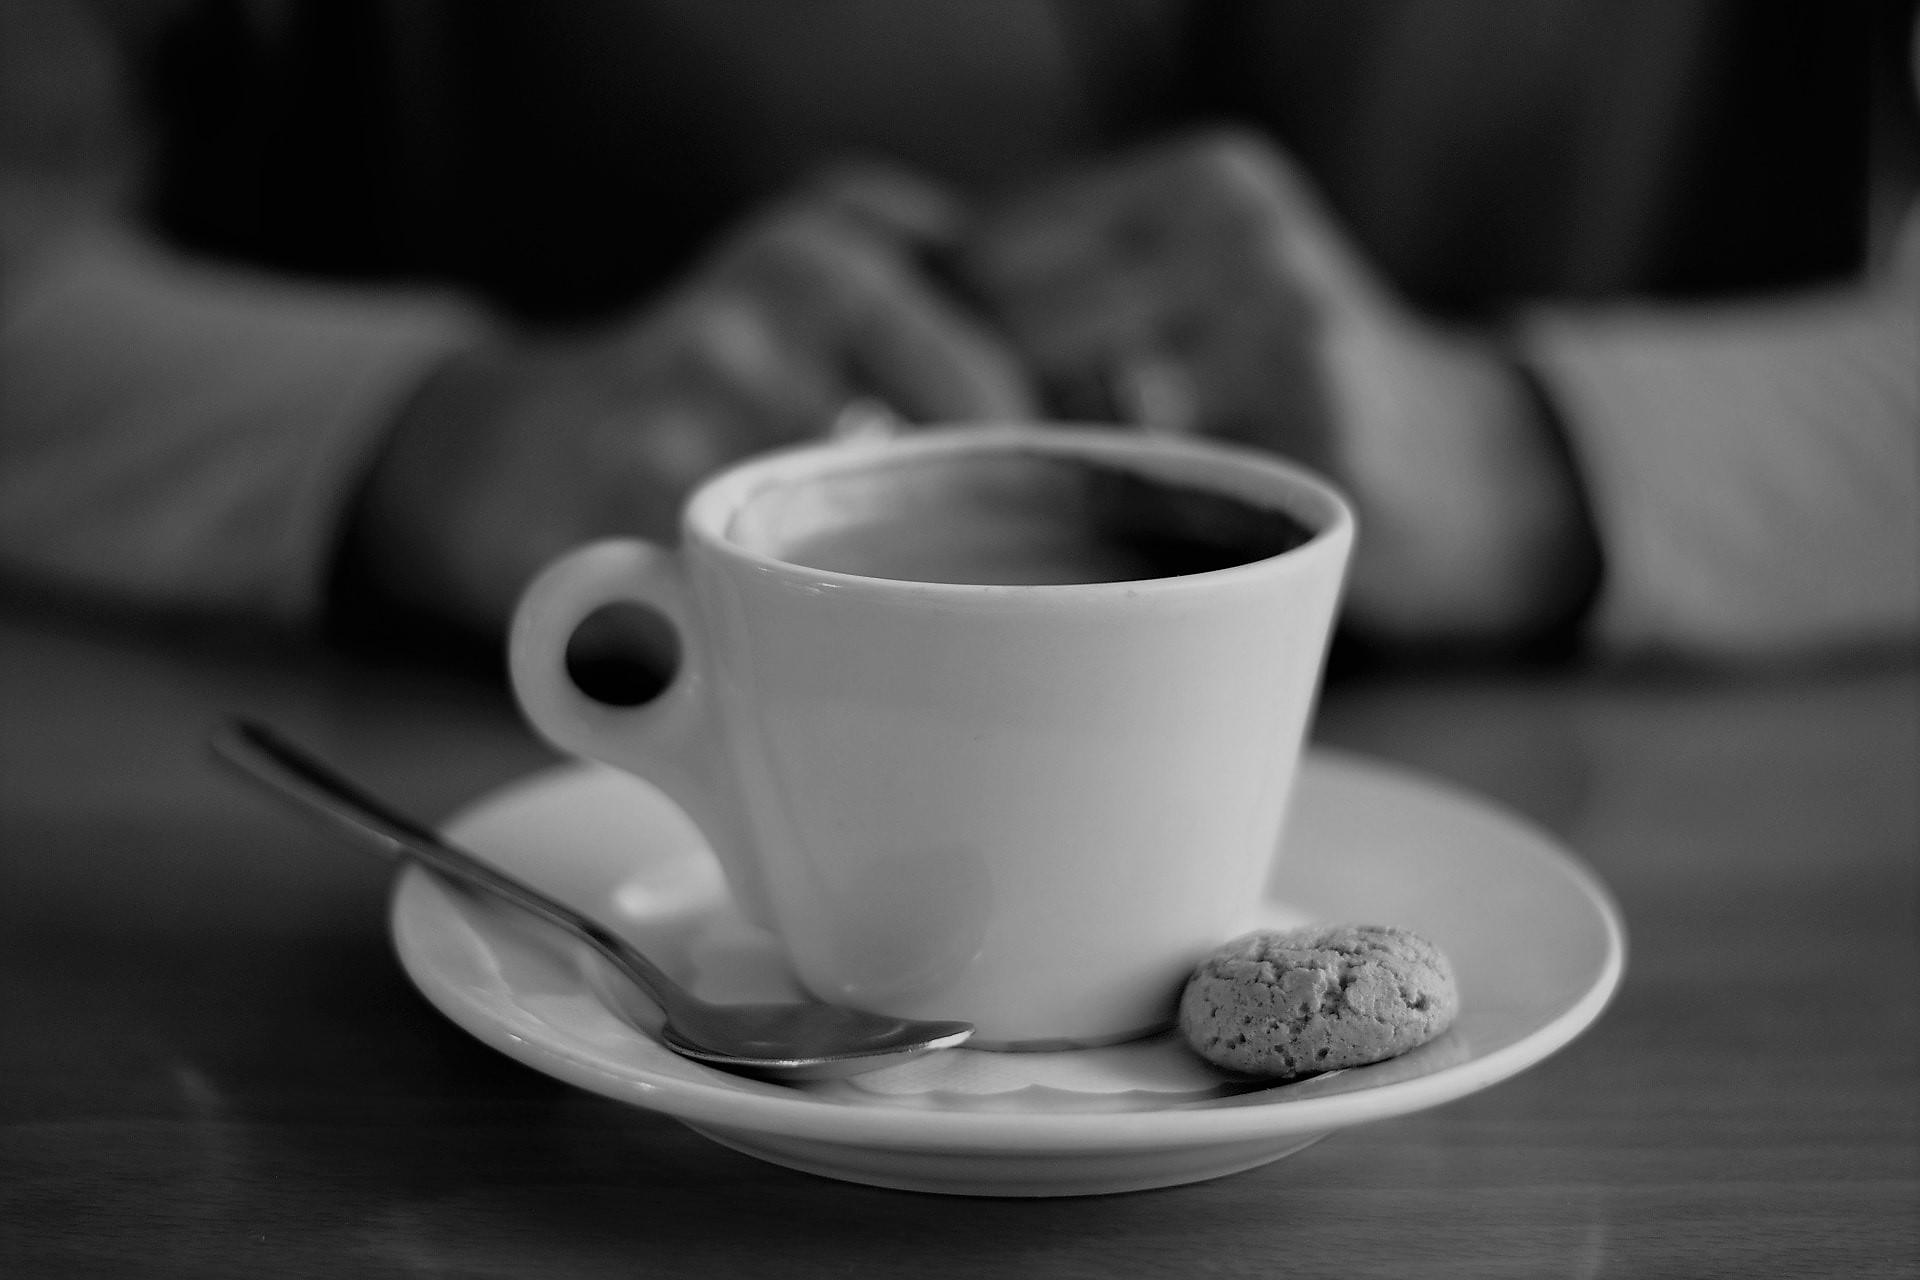 Apúntate A Nuestro Death Café Y Hablemos Sobre La Muerte